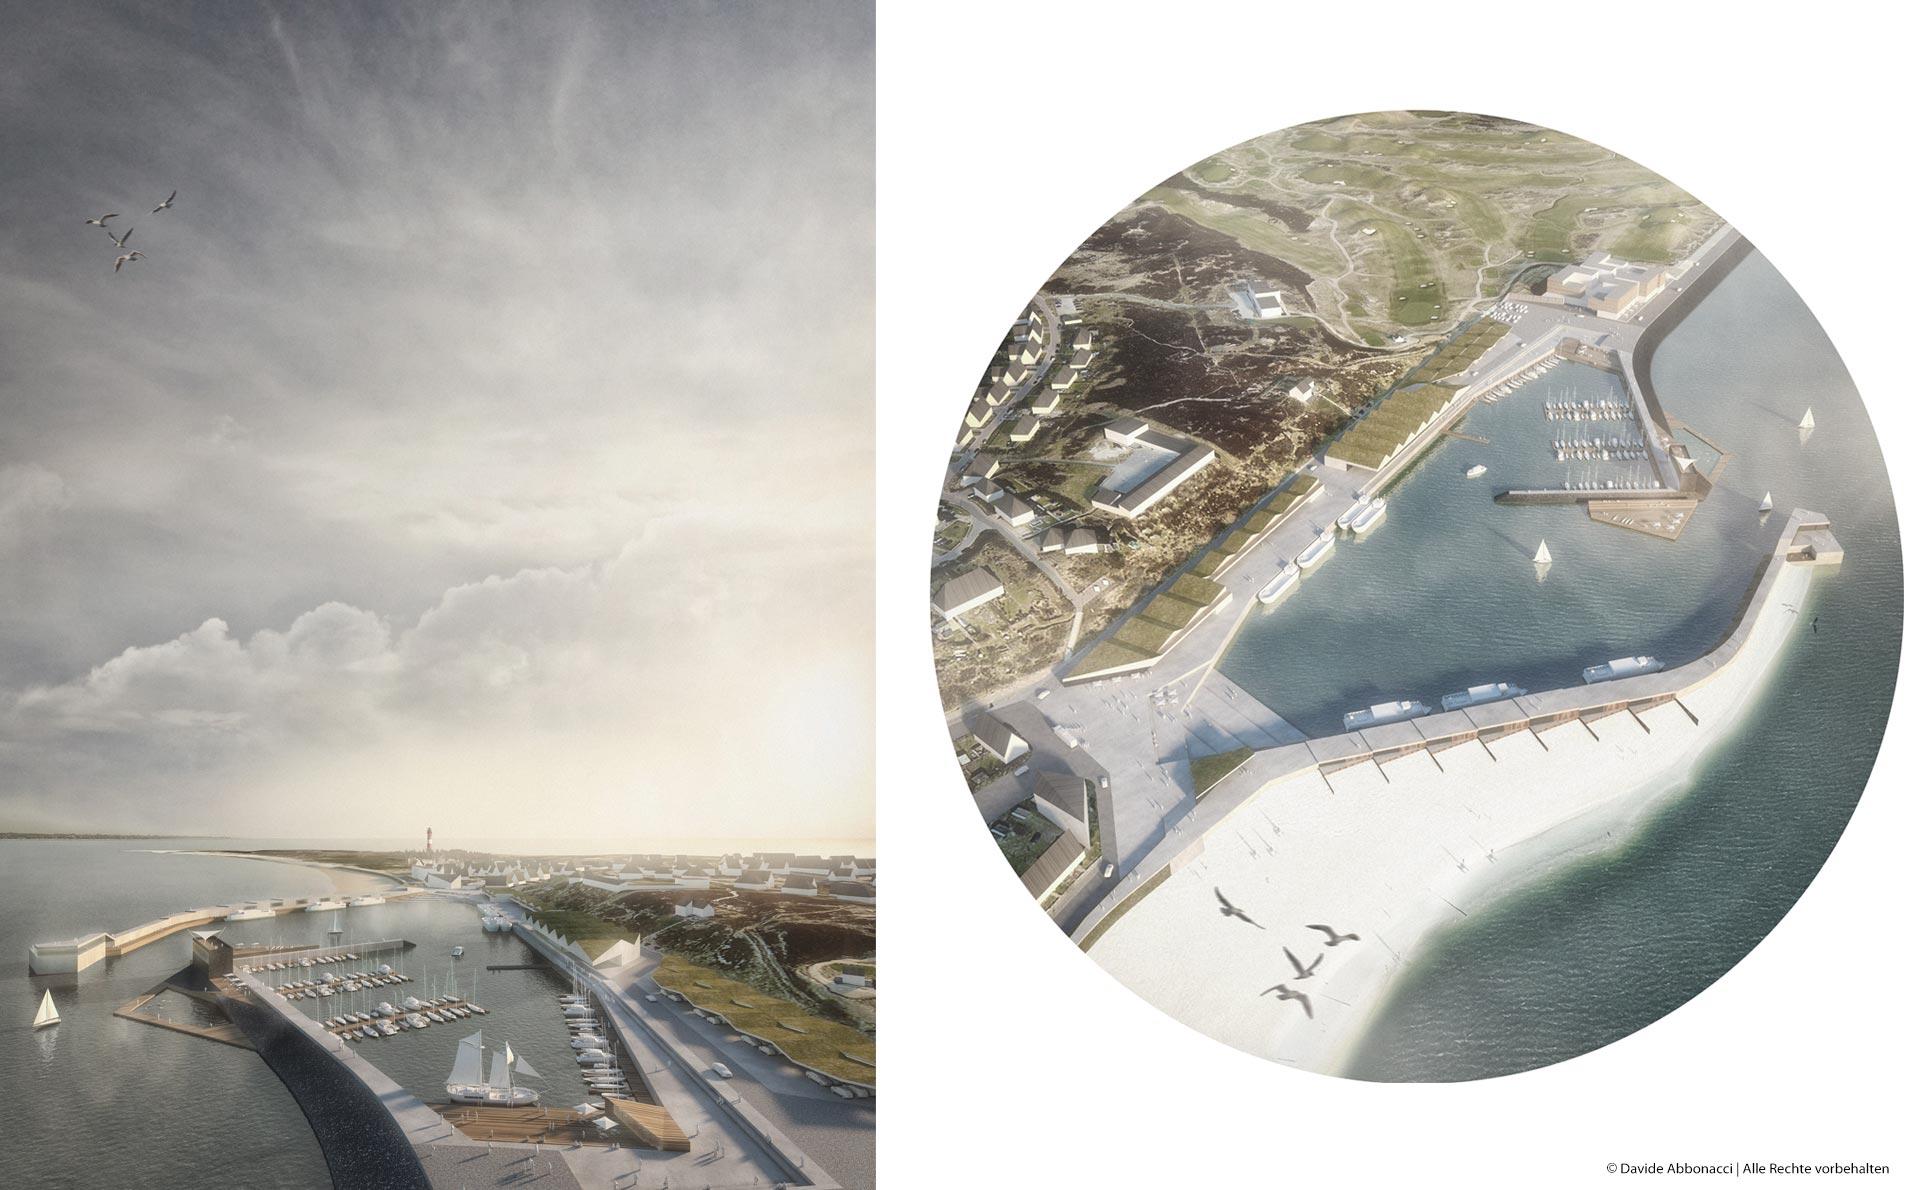 Hörnumer Hafen, Sylt | gmp Architekten von Gerkan, Marg und Partner mit Patrik Dierks Architekten | 2017 Wettbewerbsvisualisierung | 1. Preis